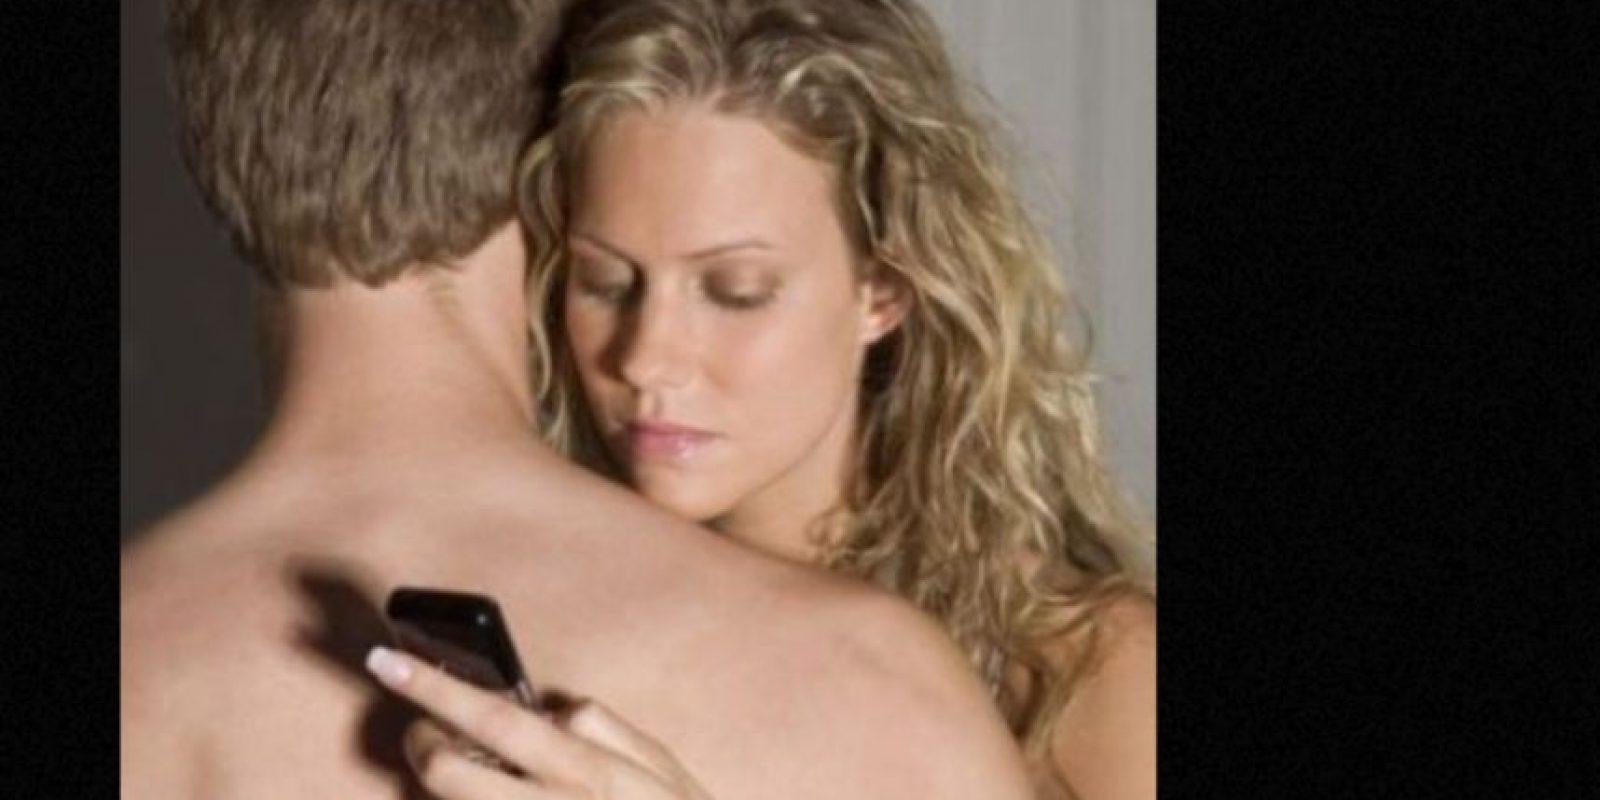 Тайное наблюдение за сексом, Русское порно скрытая камера, русский секс на скрытую 13 фотография